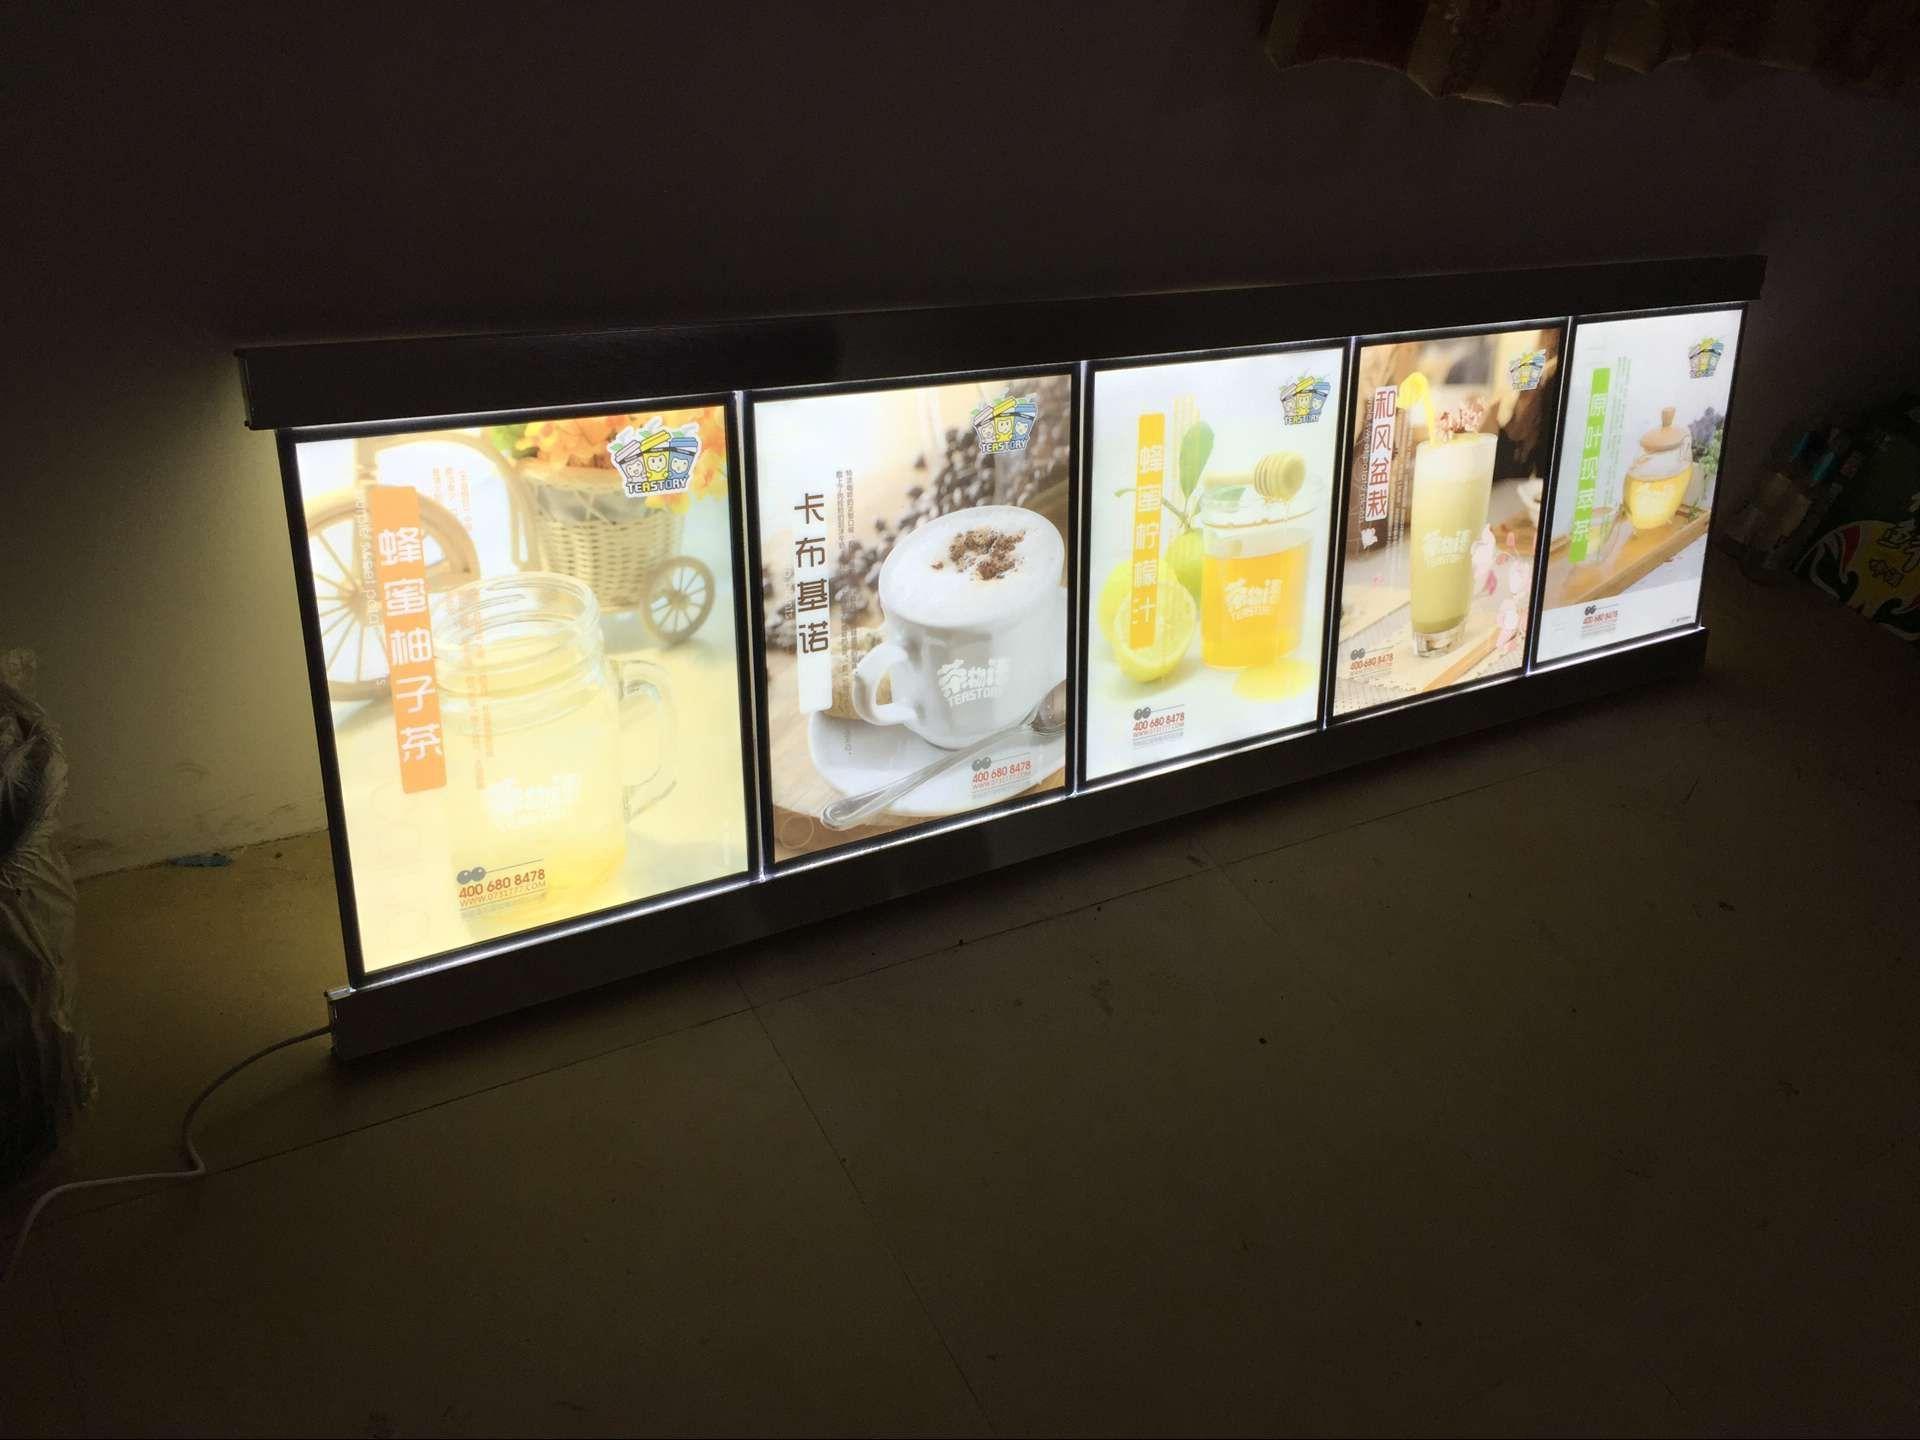 5 X Posters Swift LED MENU BOARD DISPLAY SYSTEM -ILLUMINATED MENU DISPLAY LIGHT BOX